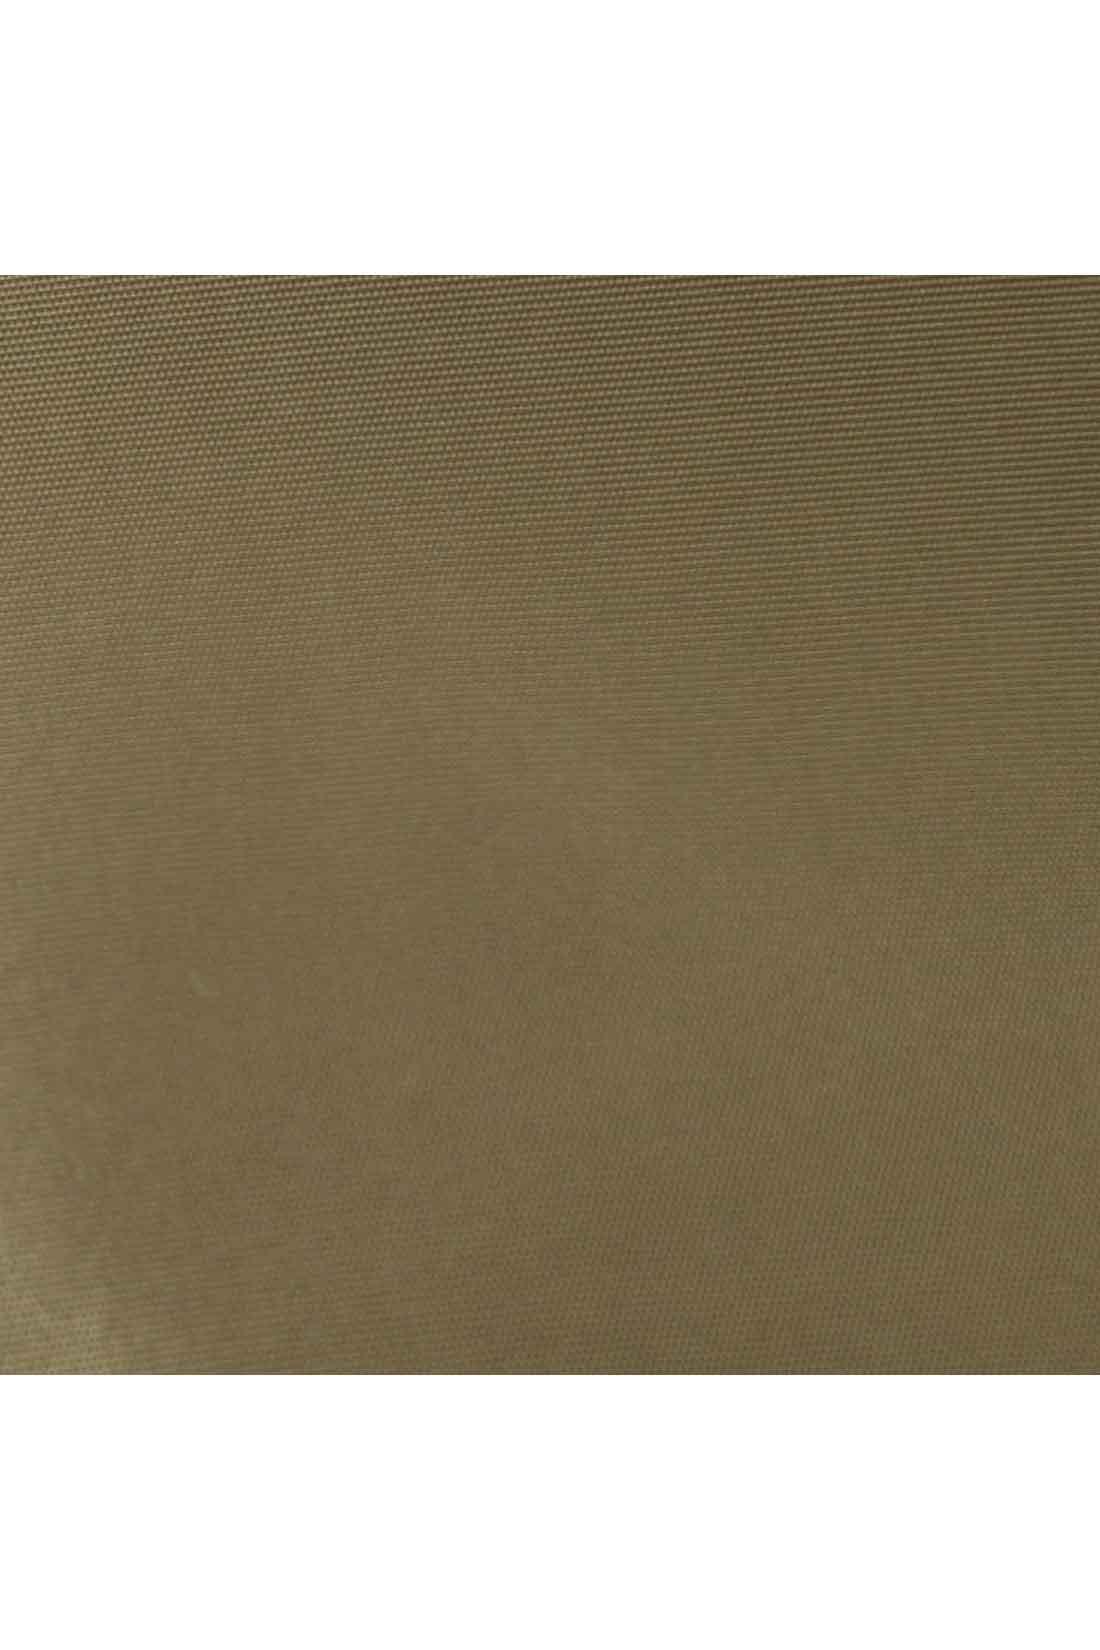 艶(つや)やかできれいなナイロン素材は、中わた入りでふんわりリッチな印象。